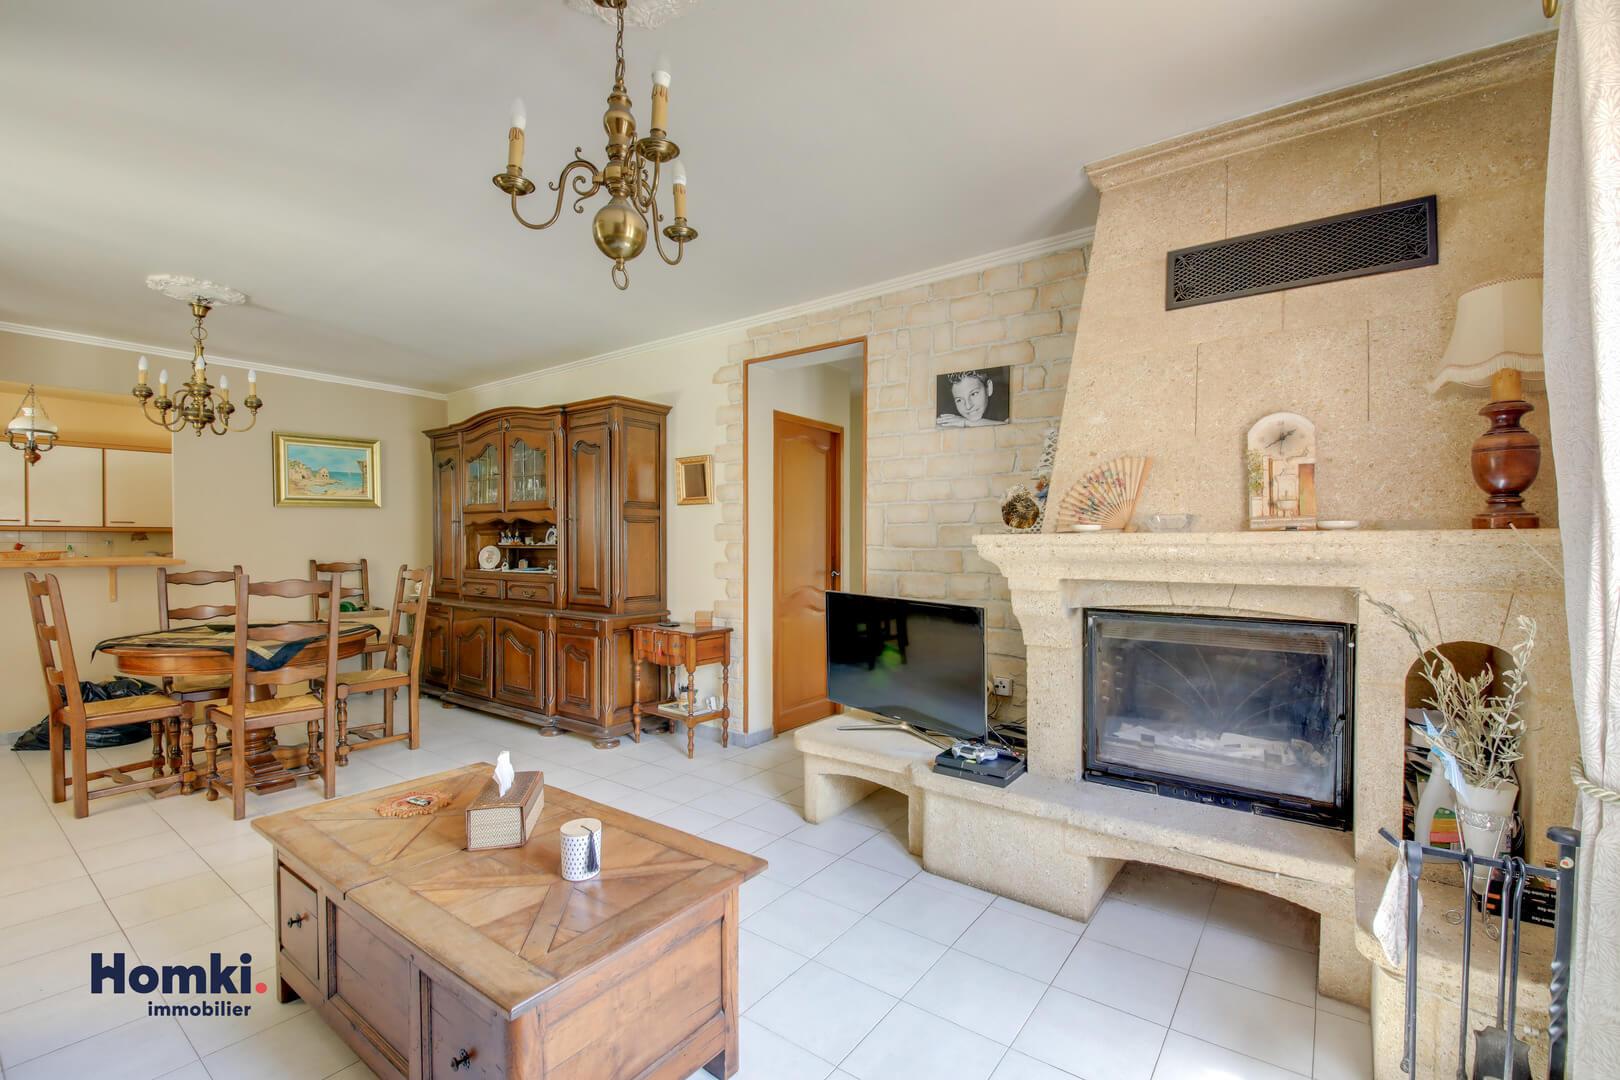 Vente maison villa Marseille Olives 13014 T6_9